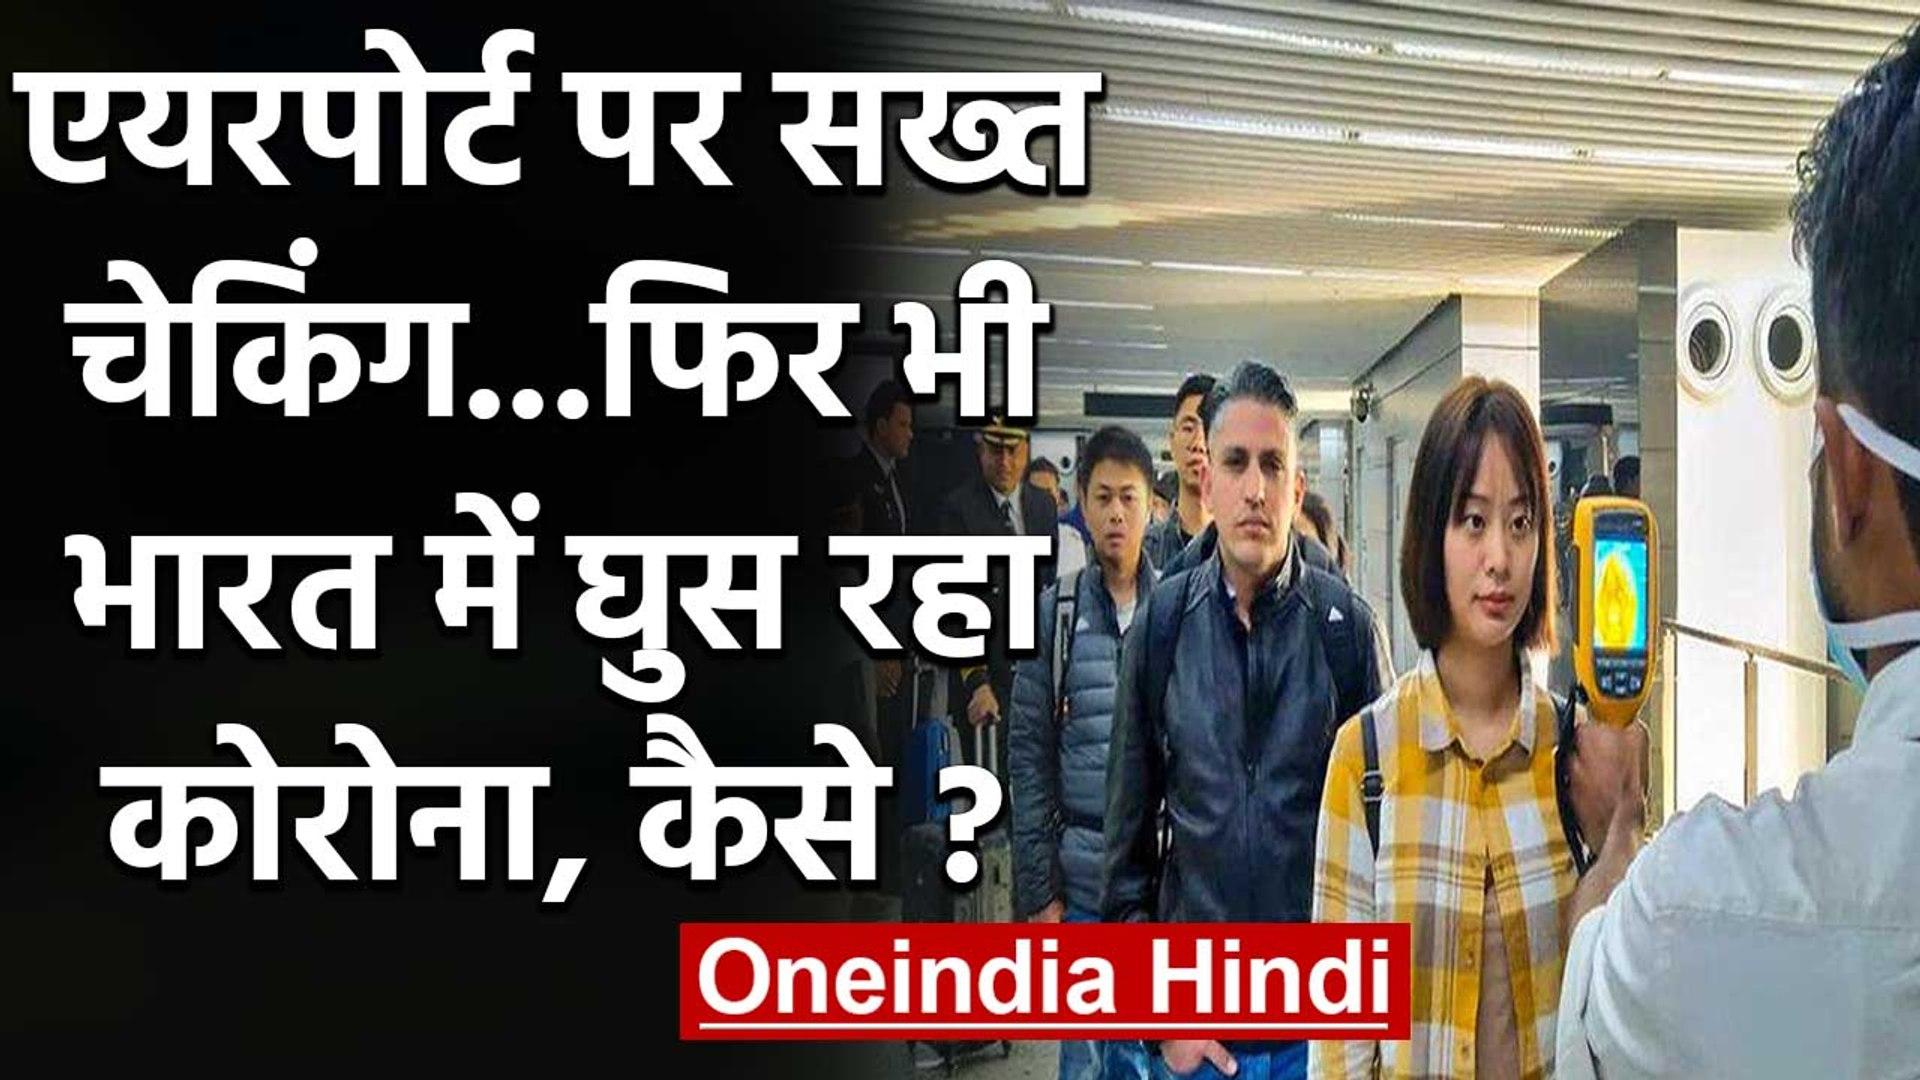 Coronavirus: Airport पर सख्त चेकिंग फिर भी India में घुस रहा कोरोना, जानिए कैसे?   वनइंडिया हिंदी